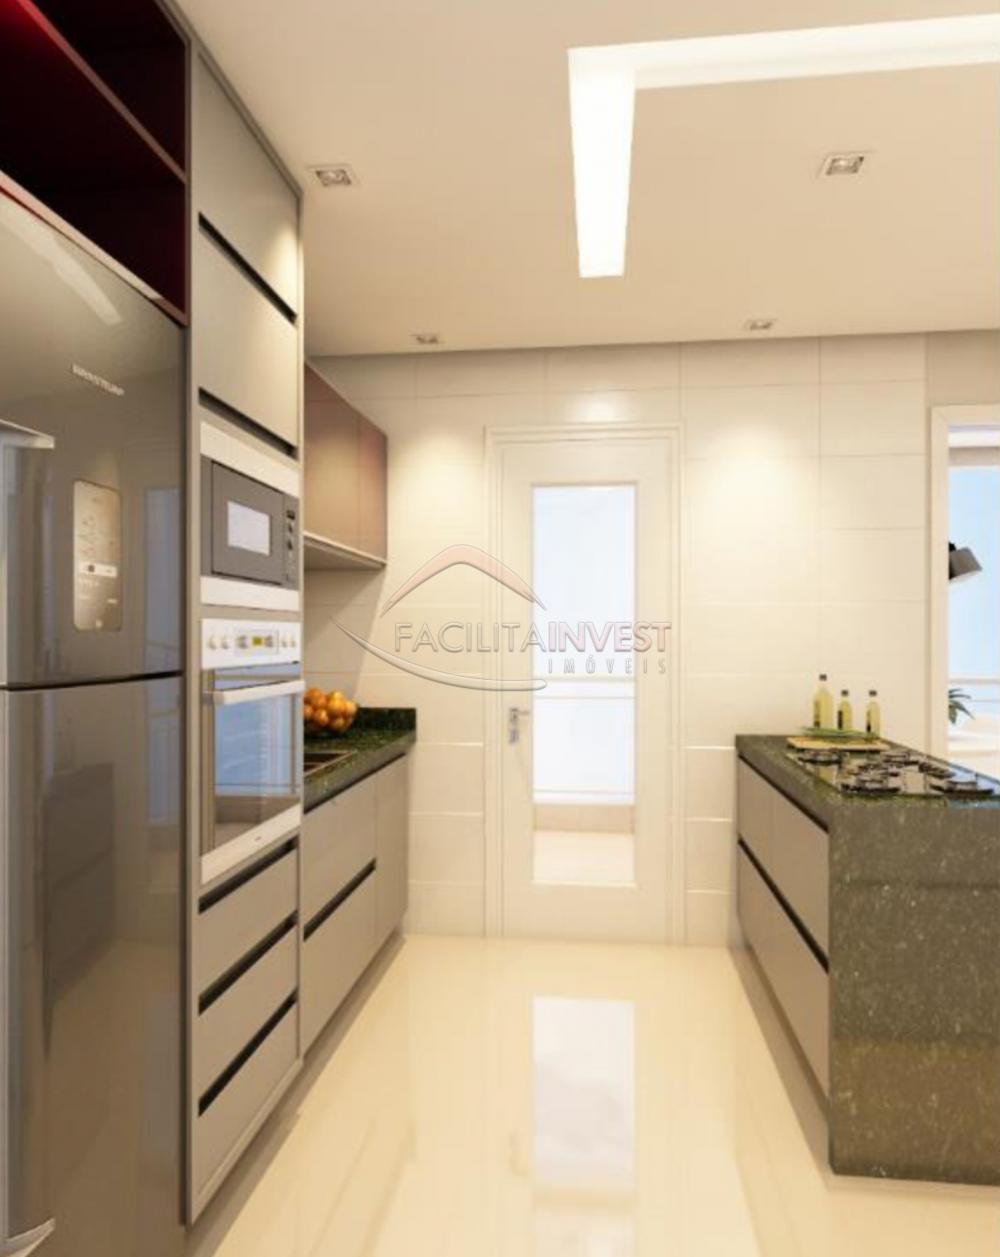 Comprar Lançamentos/ Empreendimentos em Construç / Apartamento padrão - Lançamento em Ribeirão Preto apenas R$ 582.523,00 - Foto 2